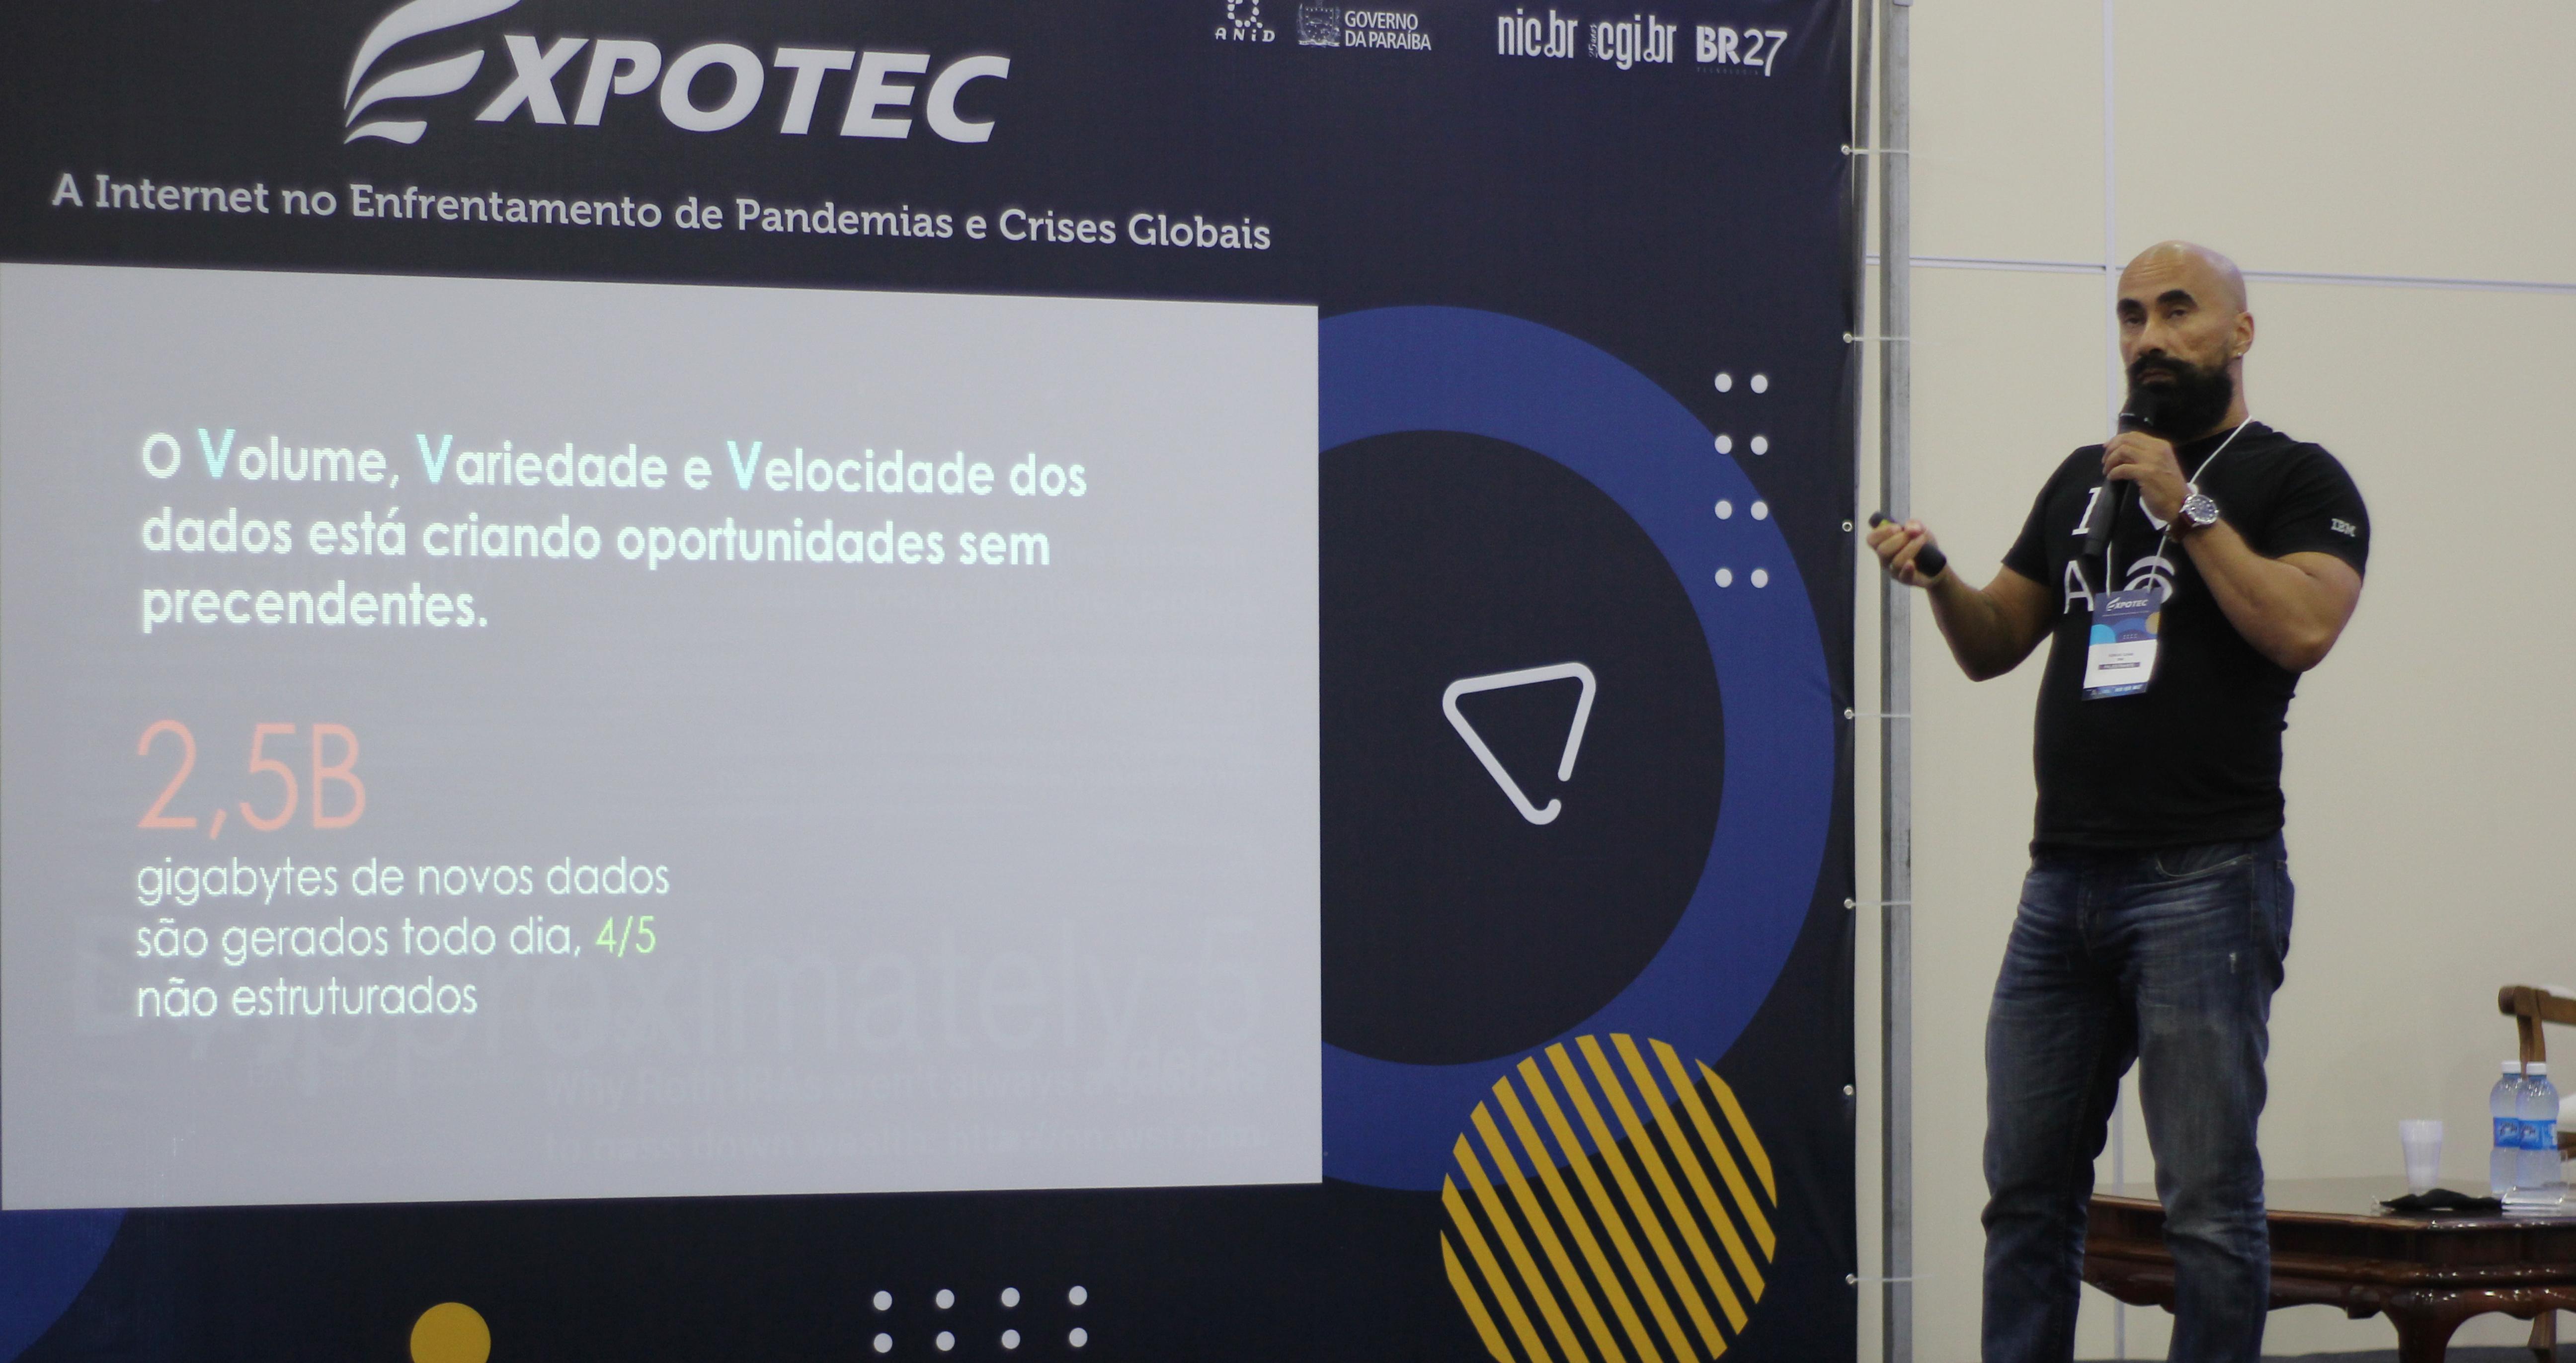 Oportunidade: Expotec abre inscrições para submissão de trabalhos